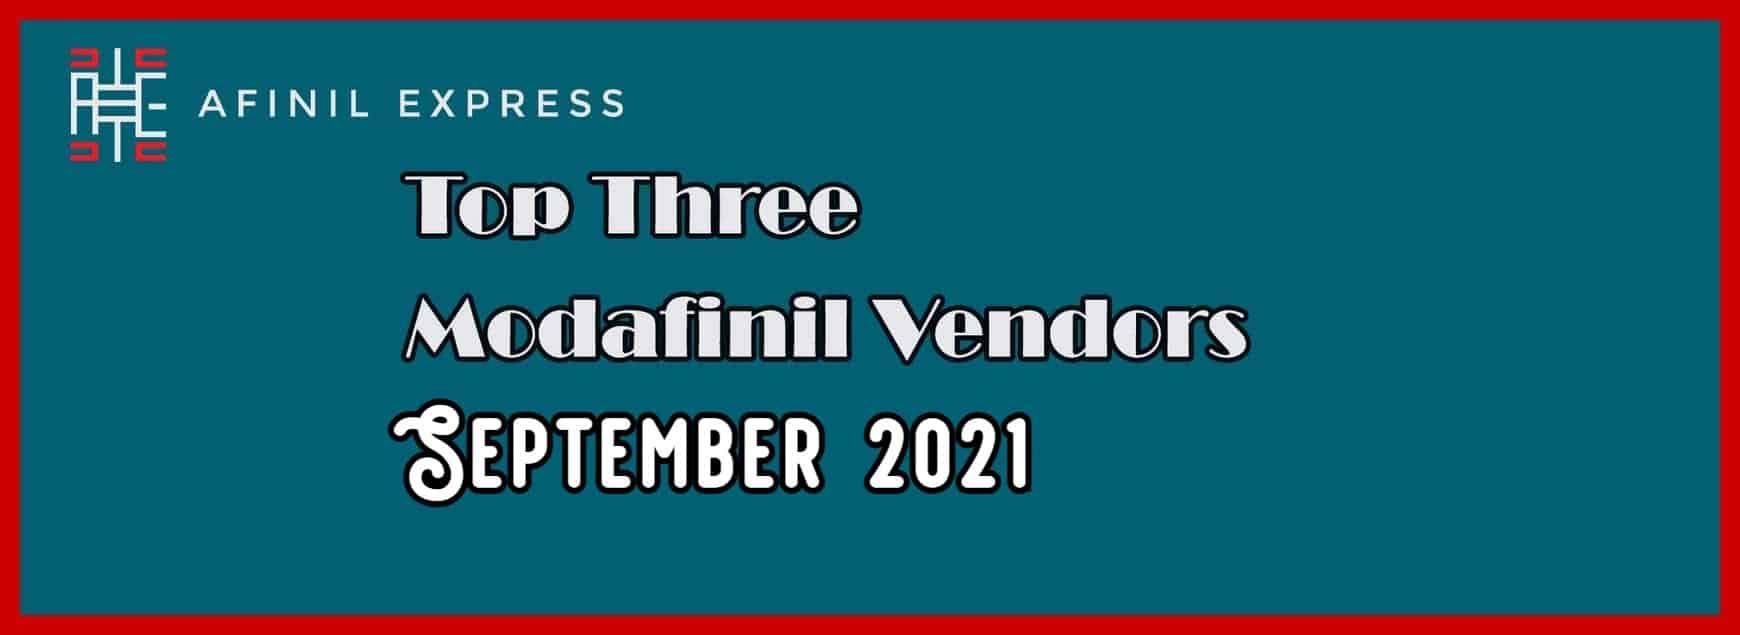 Top 3 Modafinil Vendors September 2021